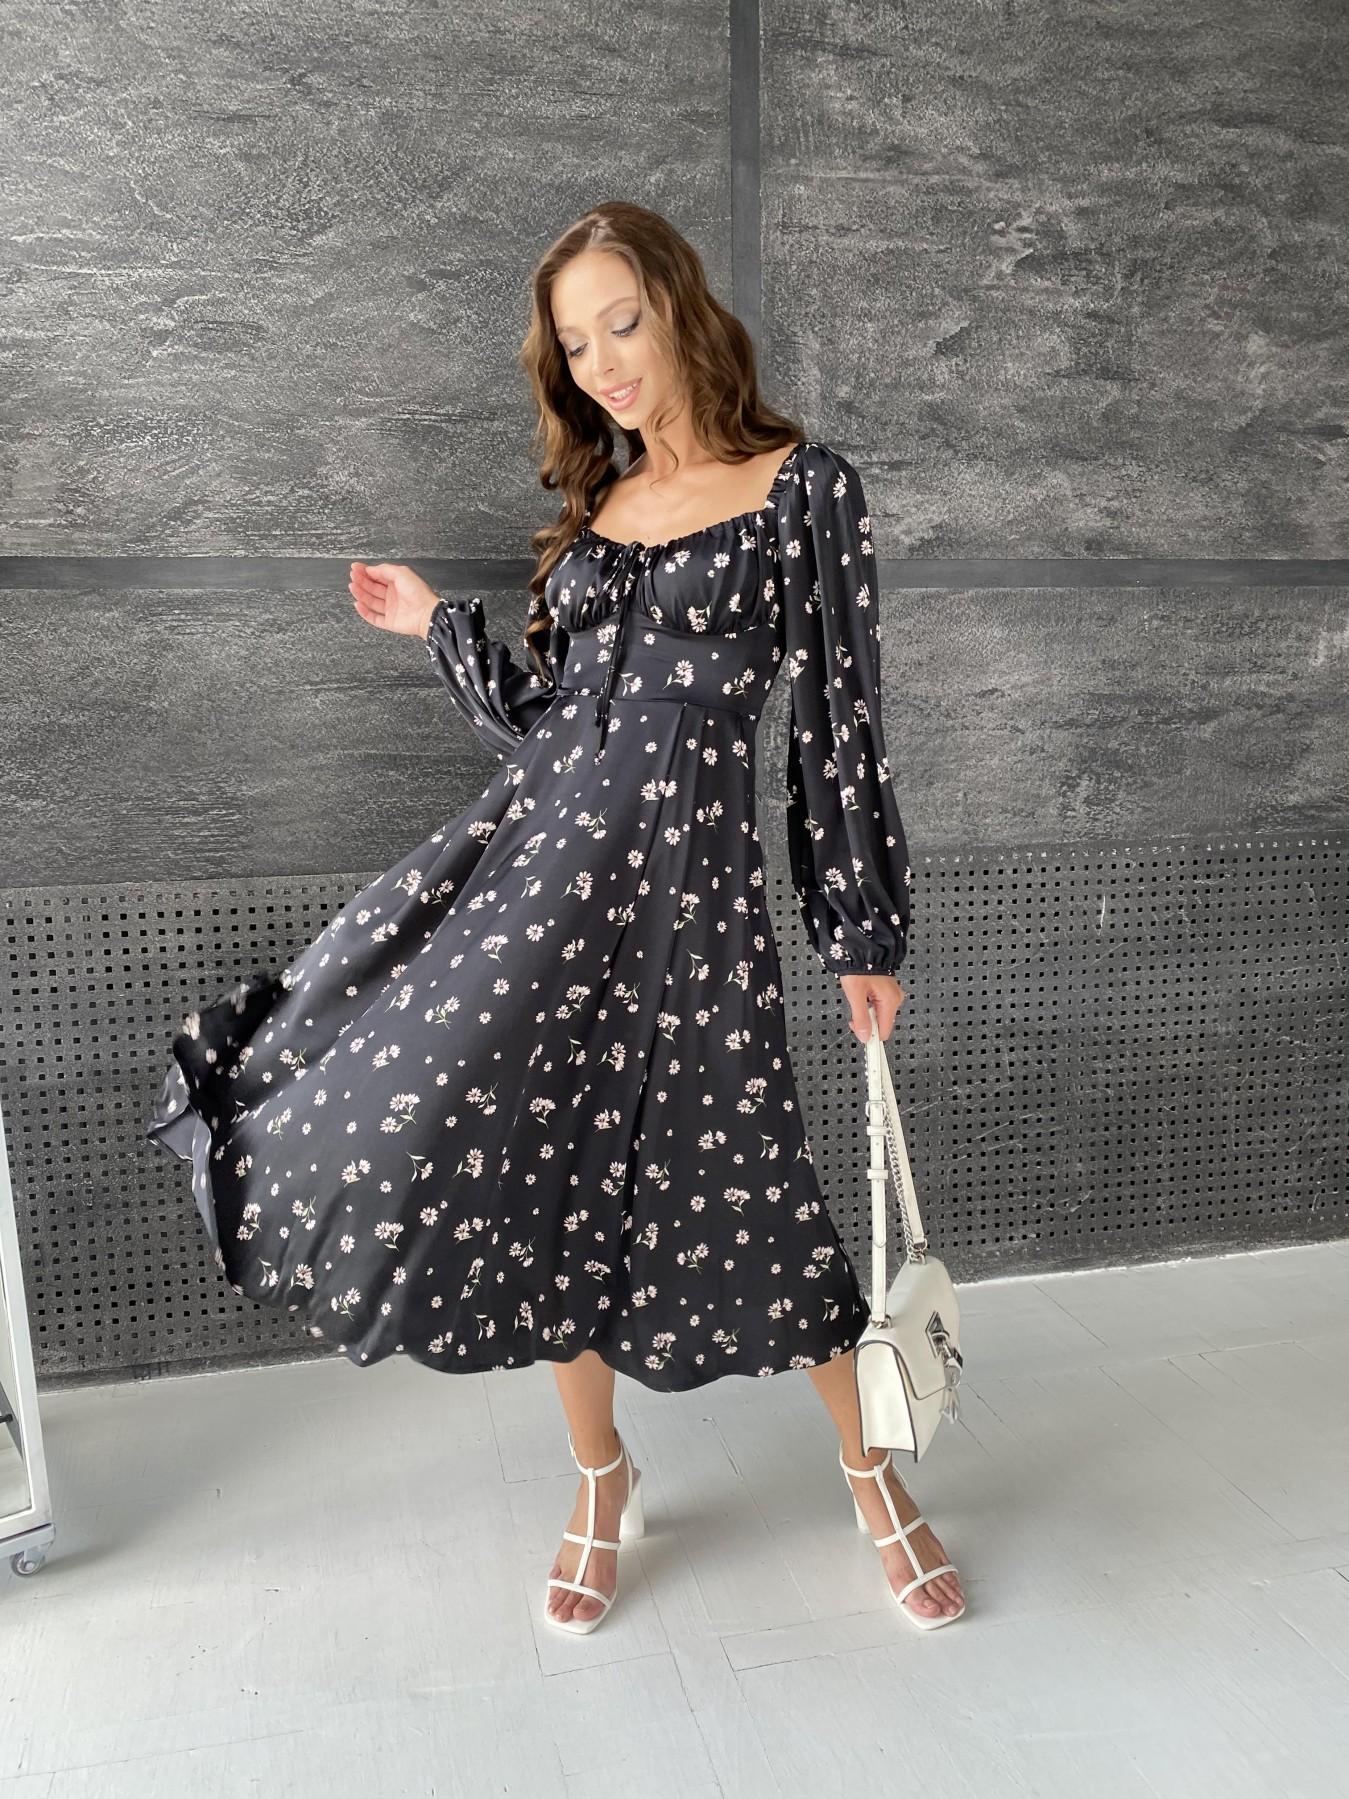 Купить женское платье Кисес платье миди д/р шелк принт 11722